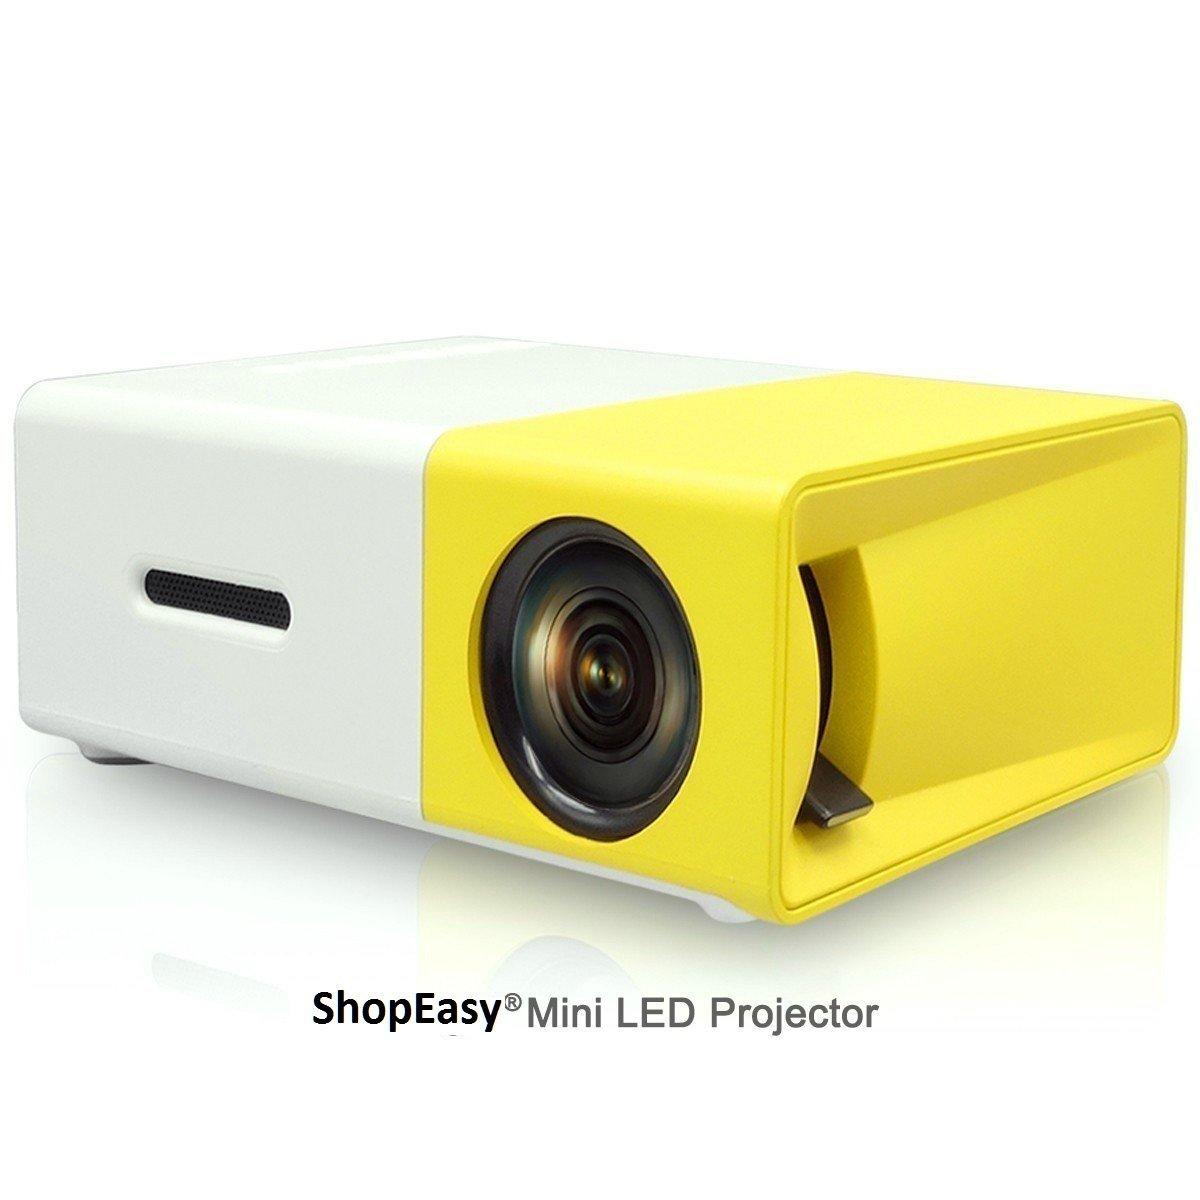 Mini Projecteur AMATEUR 600 Lumen Film Pour la Famille - Version JAUNE - Projecteur Home Cinema Projector pour PC Laptop USB/MiniSD/AV/HDMI - Video - Speaker Integre Headphone